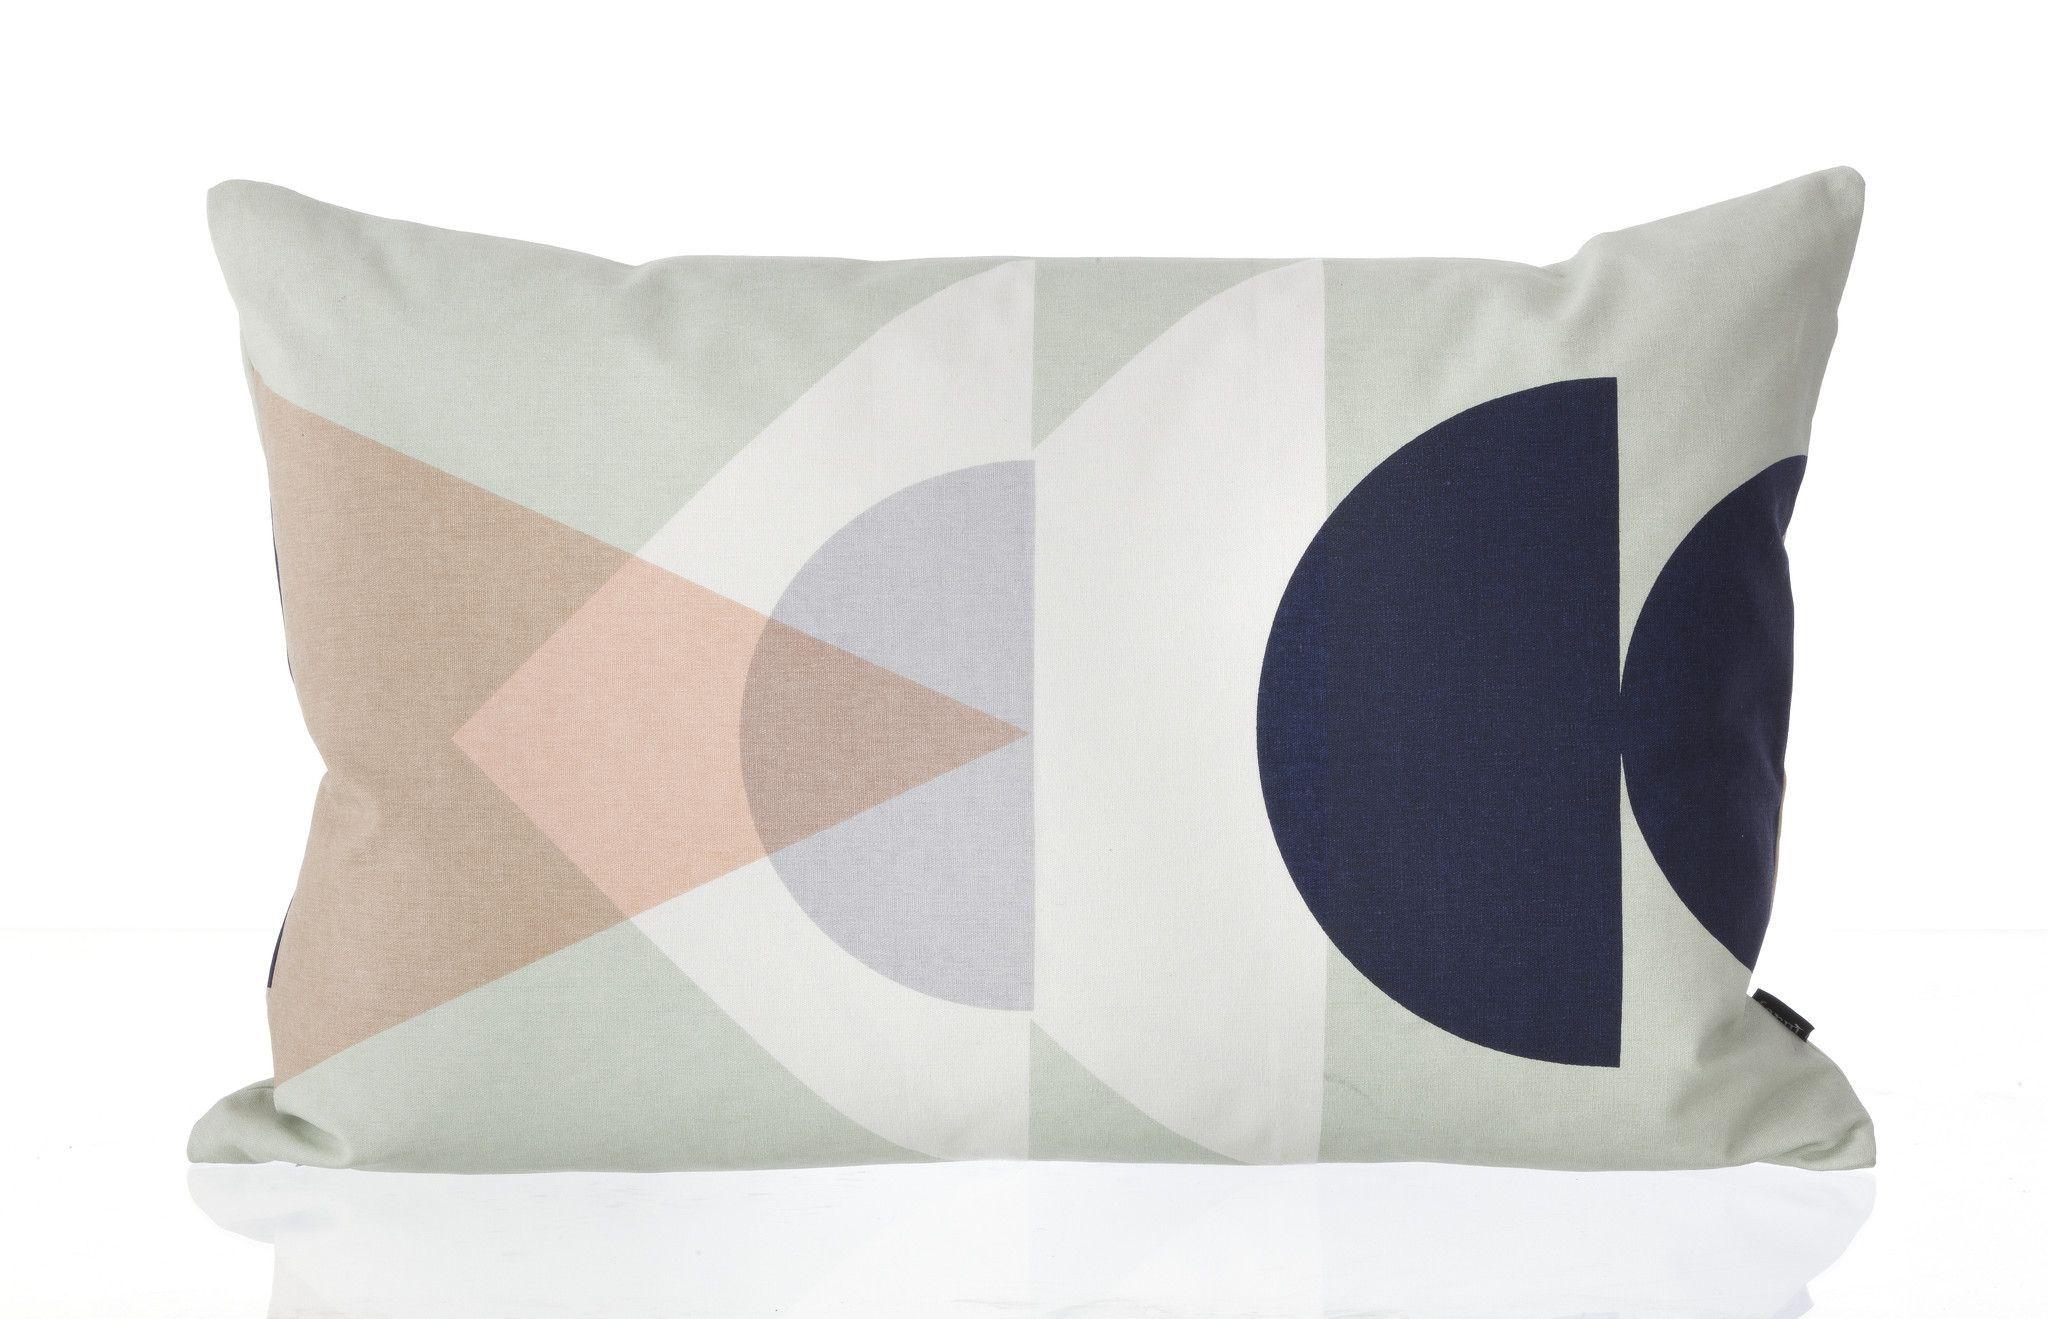 Maya cushion mint design by ferm living s t y l i n g